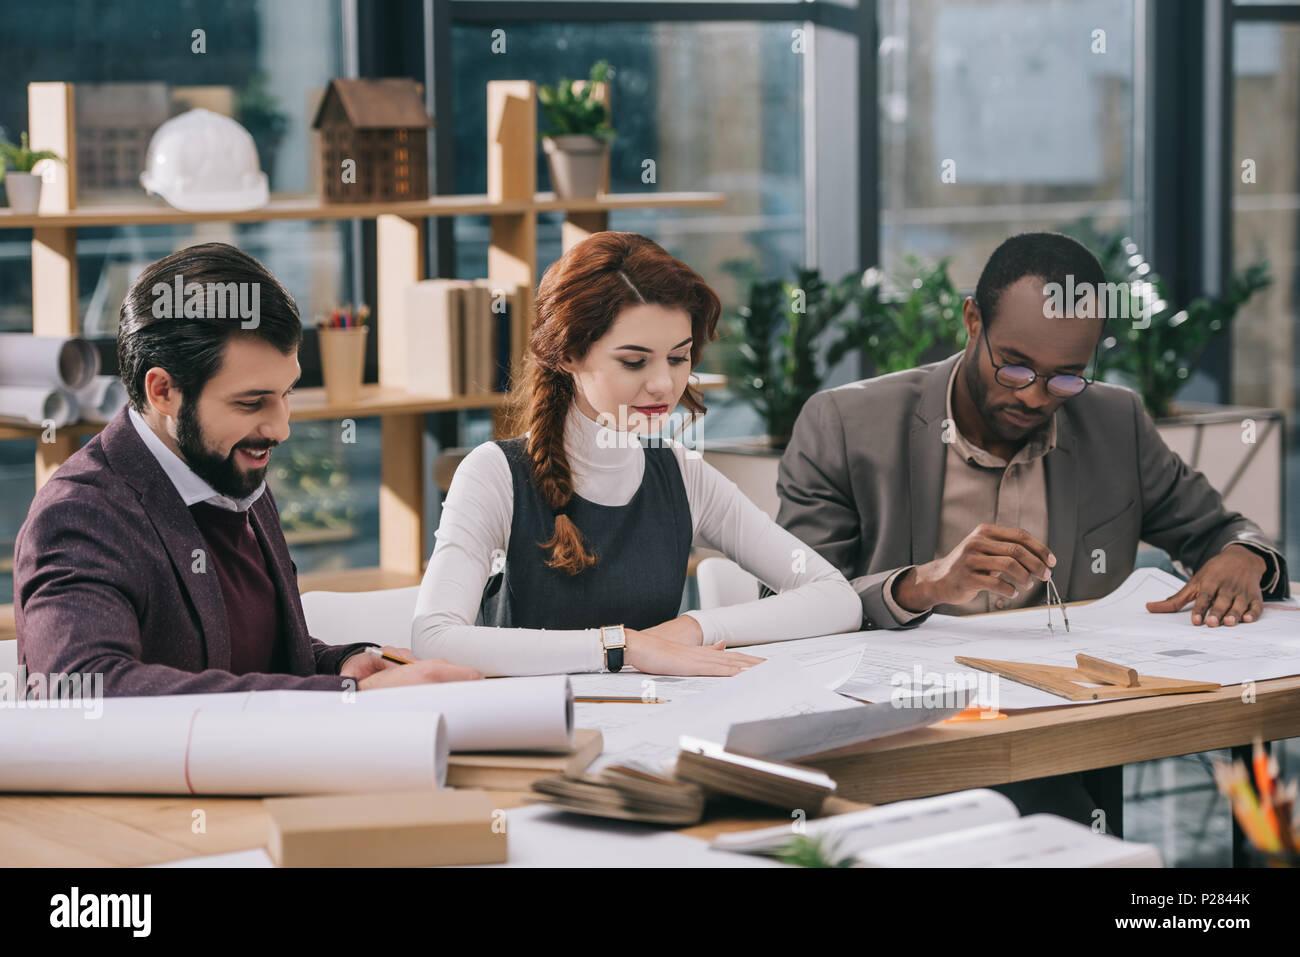 Multietnica team di architetti che lavorano insieme in un ufficio moderno Immagini Stock